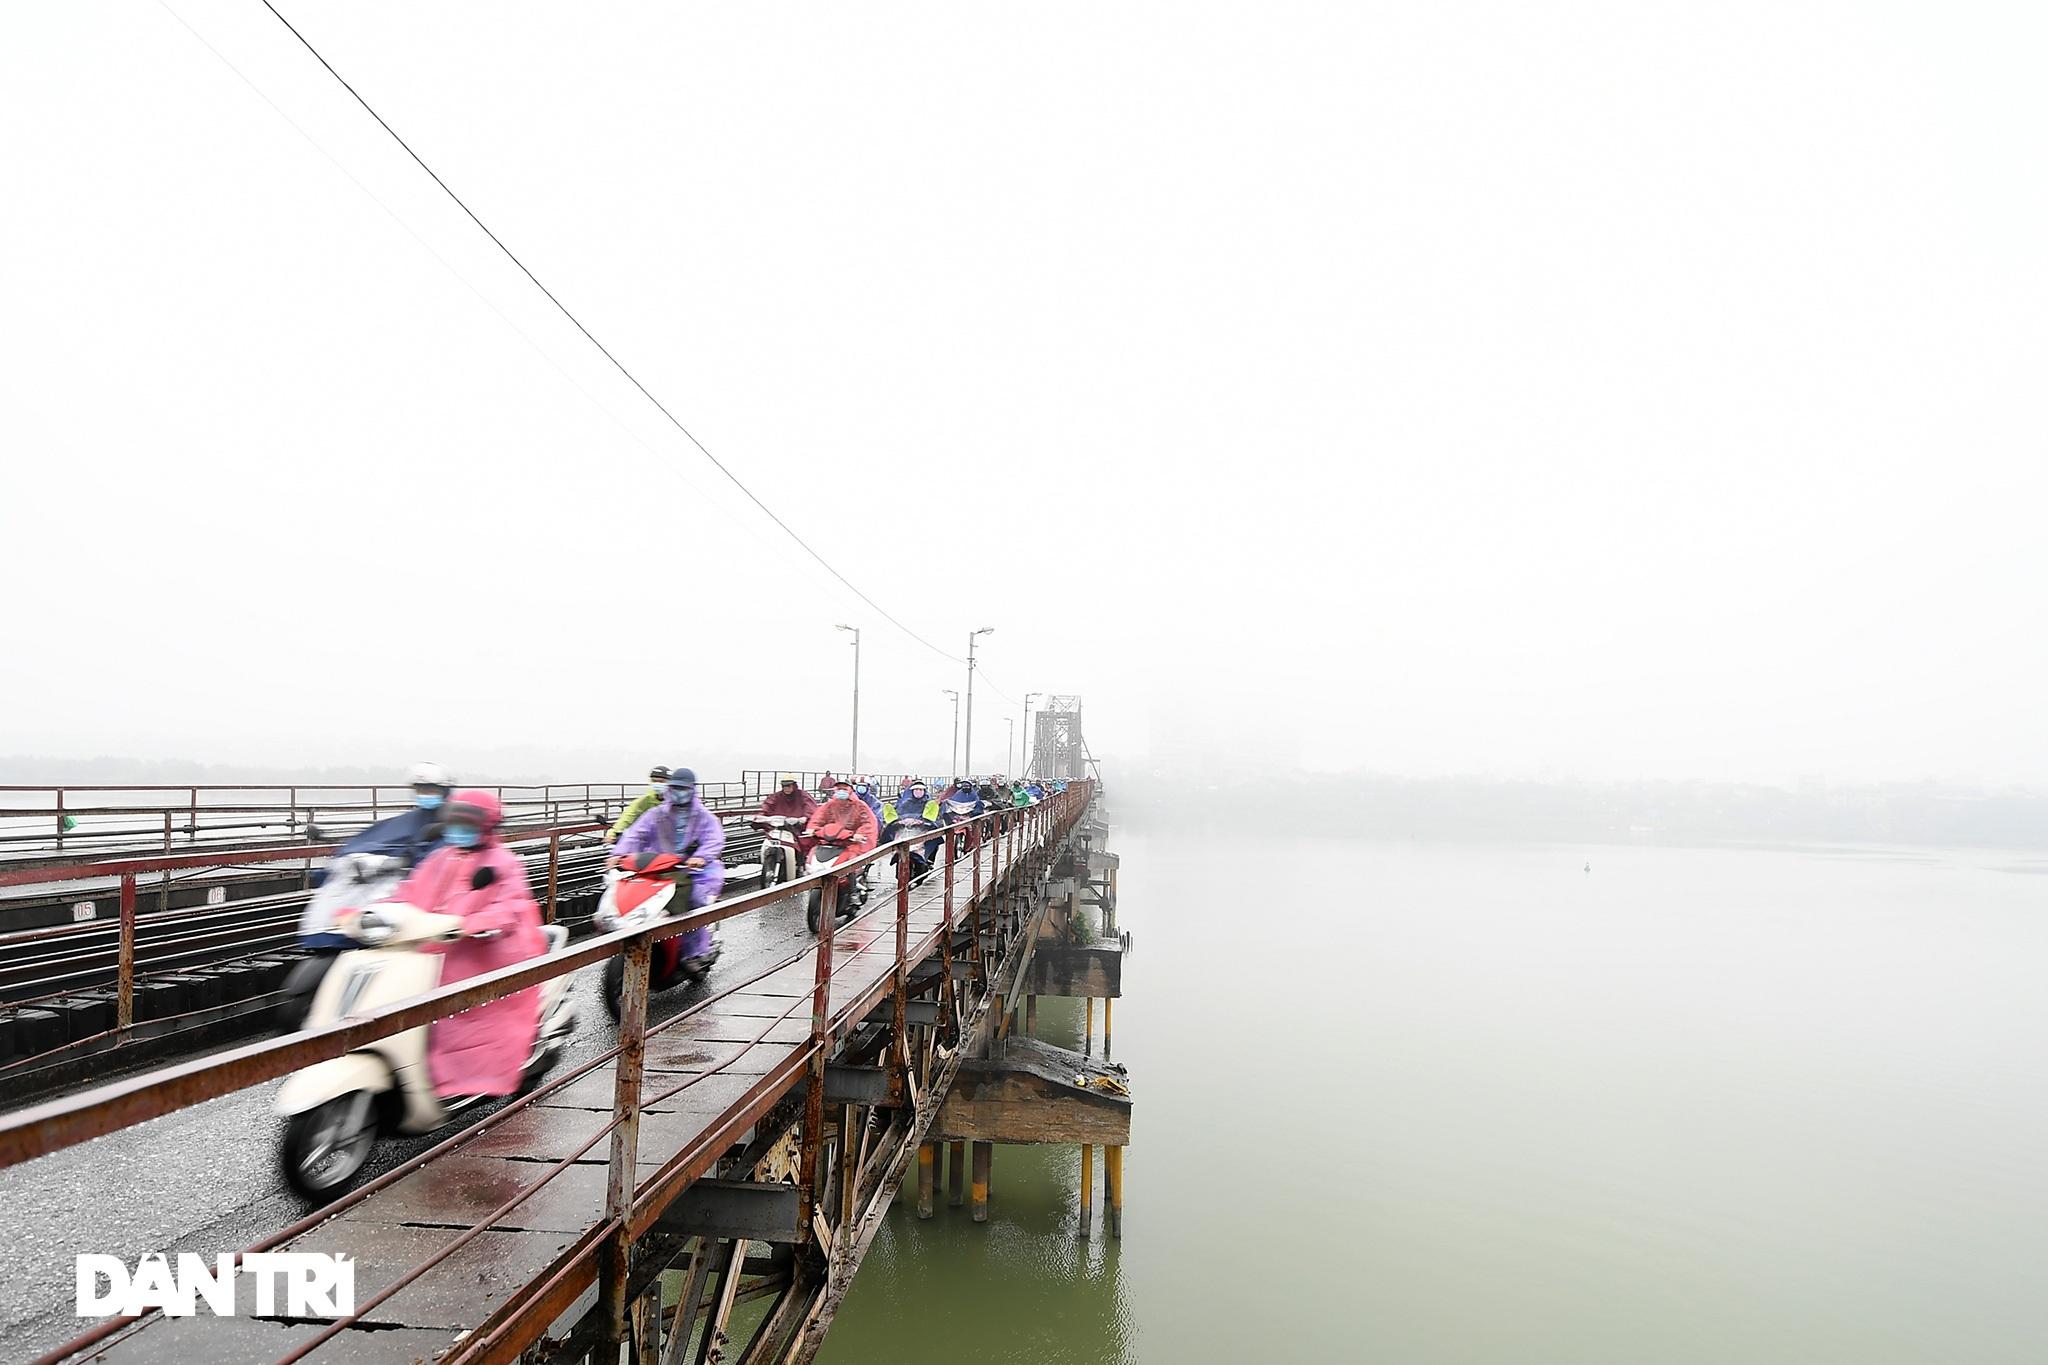 Những tòa nhà chọc trời ở Hà Nội biến mất trong làn sương dày đặc - 2